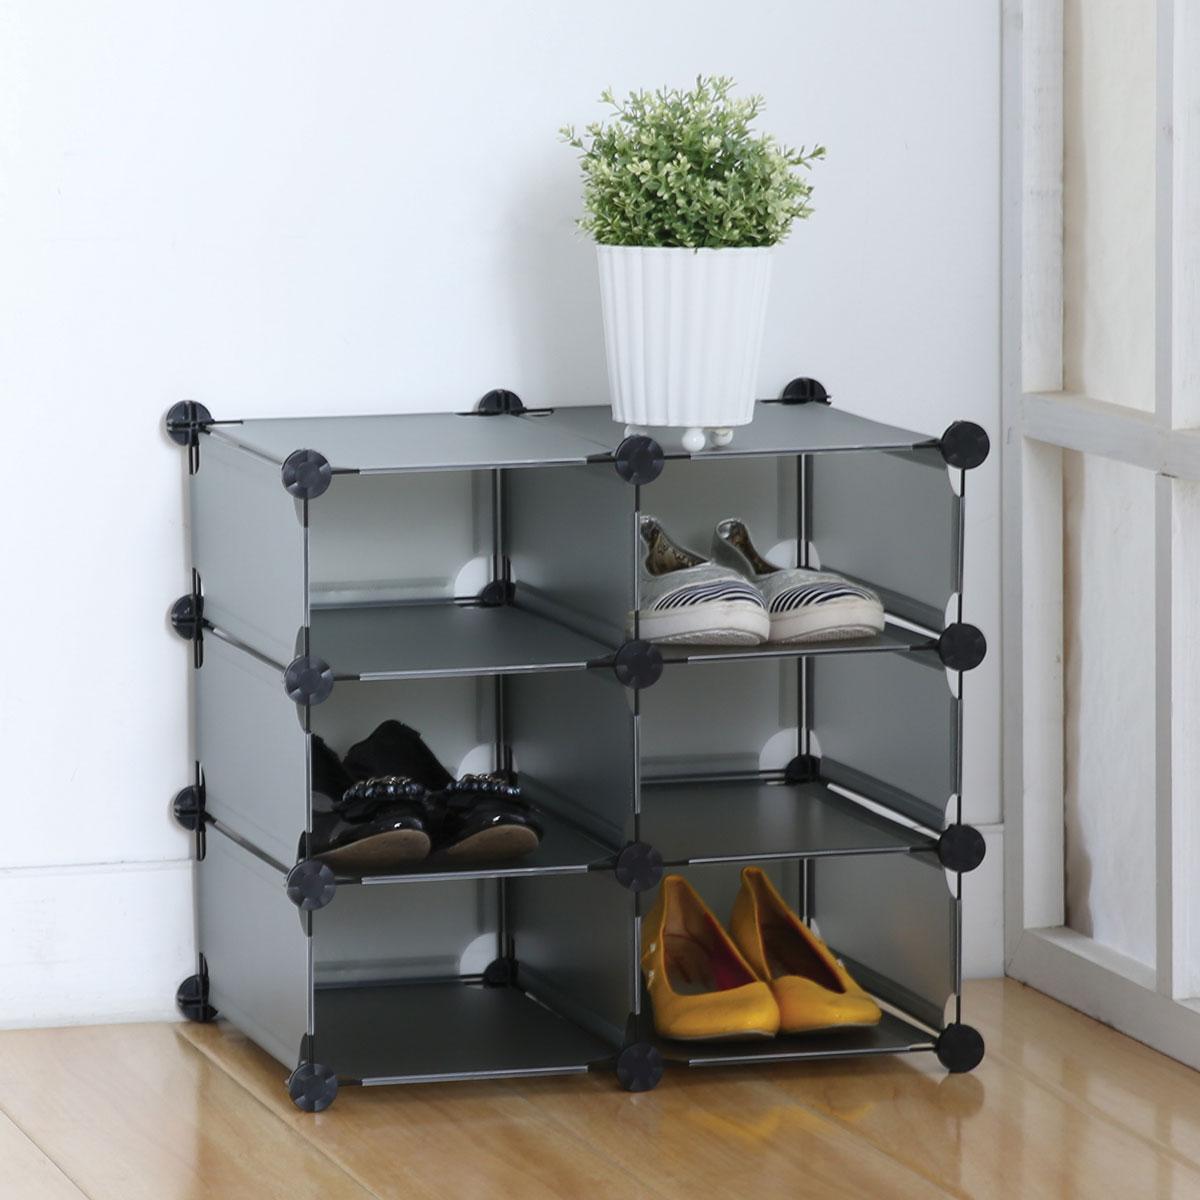 Стеллаж Miolla, 6 модулей, 49 х 33 х 44,5 смKBS-26Универсальный стеллаж Miolla состоит из 6 модулей, изготовлен из пластика. Такой стеллаж можно разместить где угодно: в ванной, в спальне, в прихожей. Благодаря стильному дизайну и компактному размеру, стеллаж займет достойное место в любом уголке дома. Размер стеллажа: 49 см х 33 см х 44,5 см.